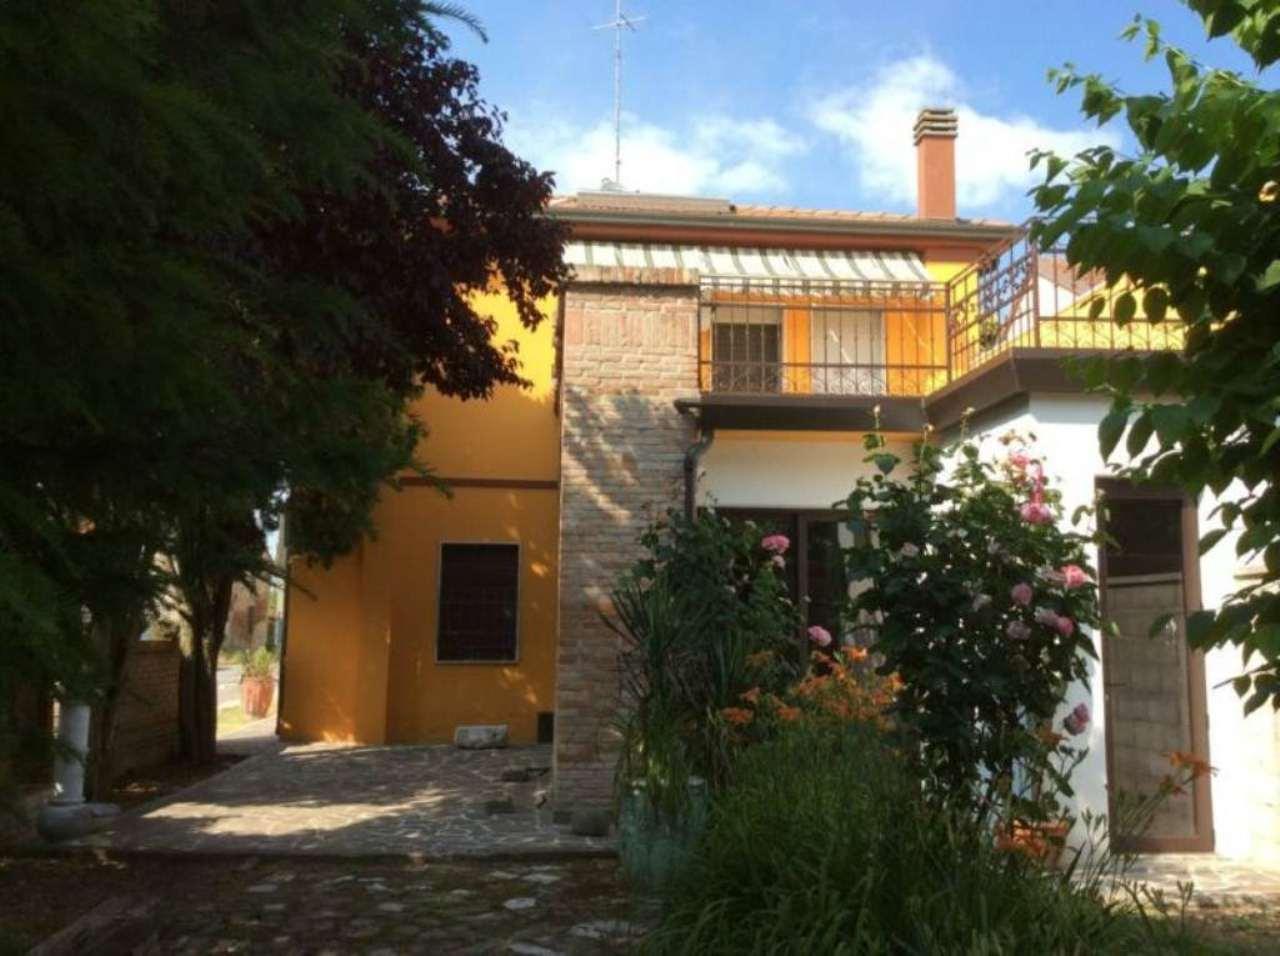 Soluzione Indipendente in vendita a Ostellato, 9 locali, prezzo € 290.000 | CambioCasa.it